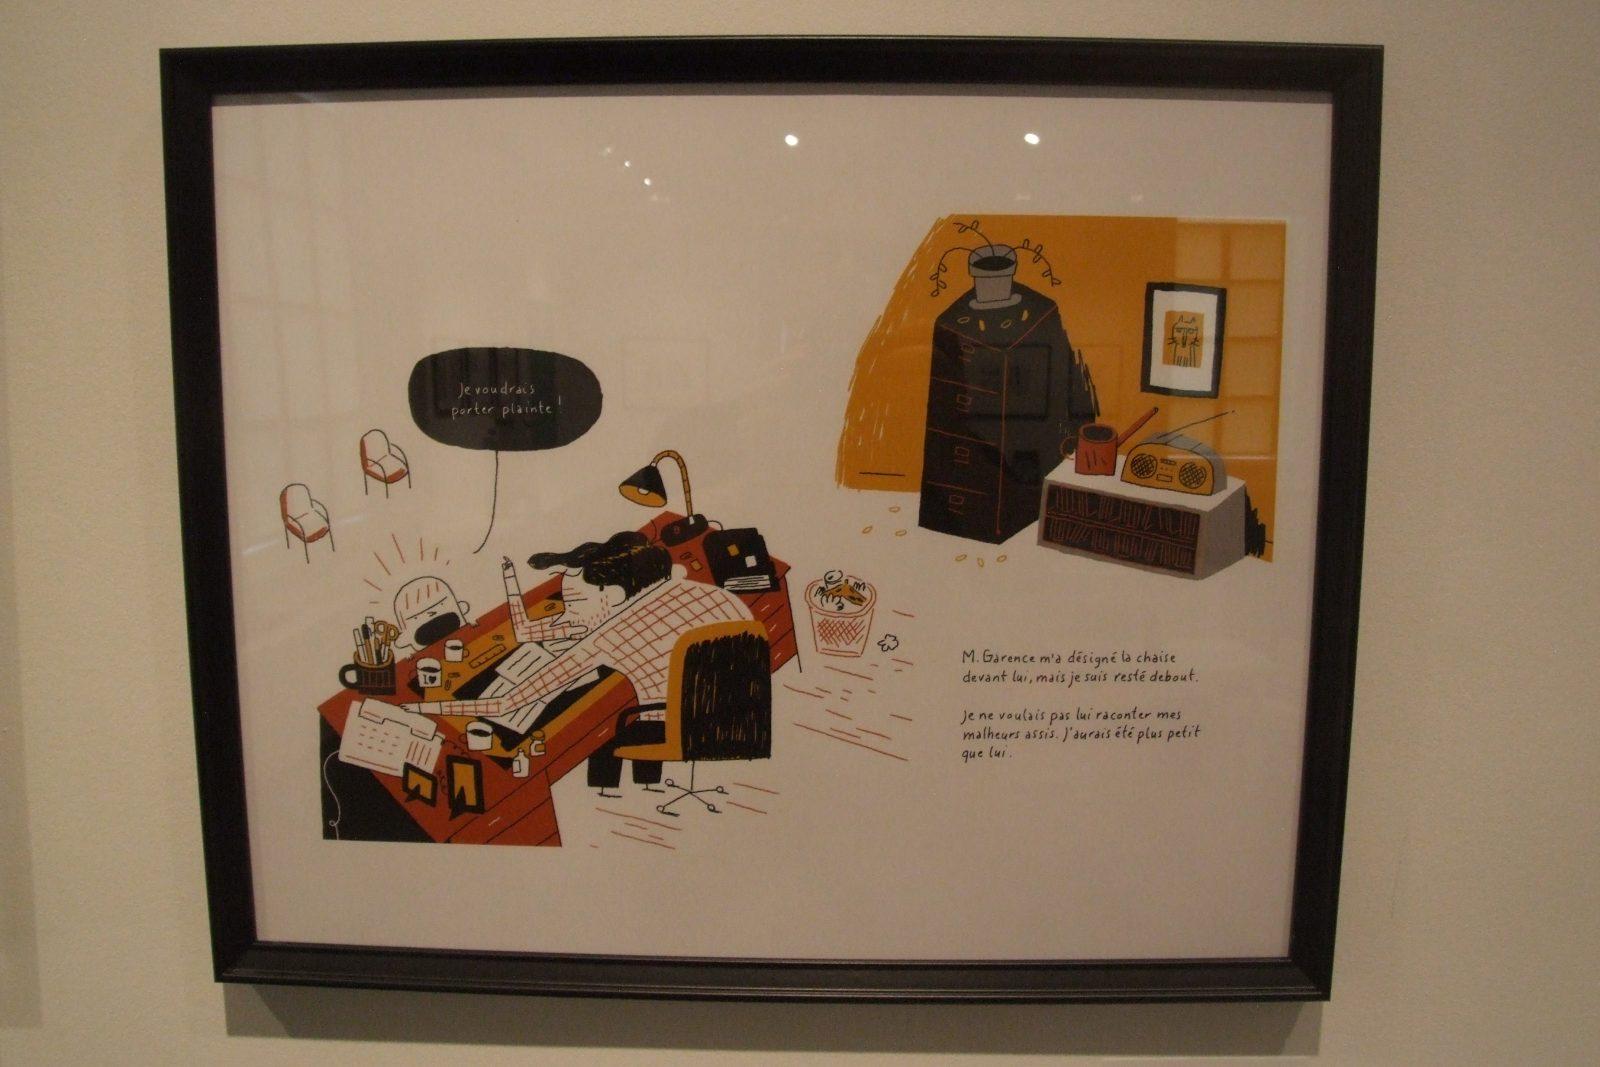 Les dessins des illustrateurs des Éditions de La Pastèque font l'objet d'une exposition